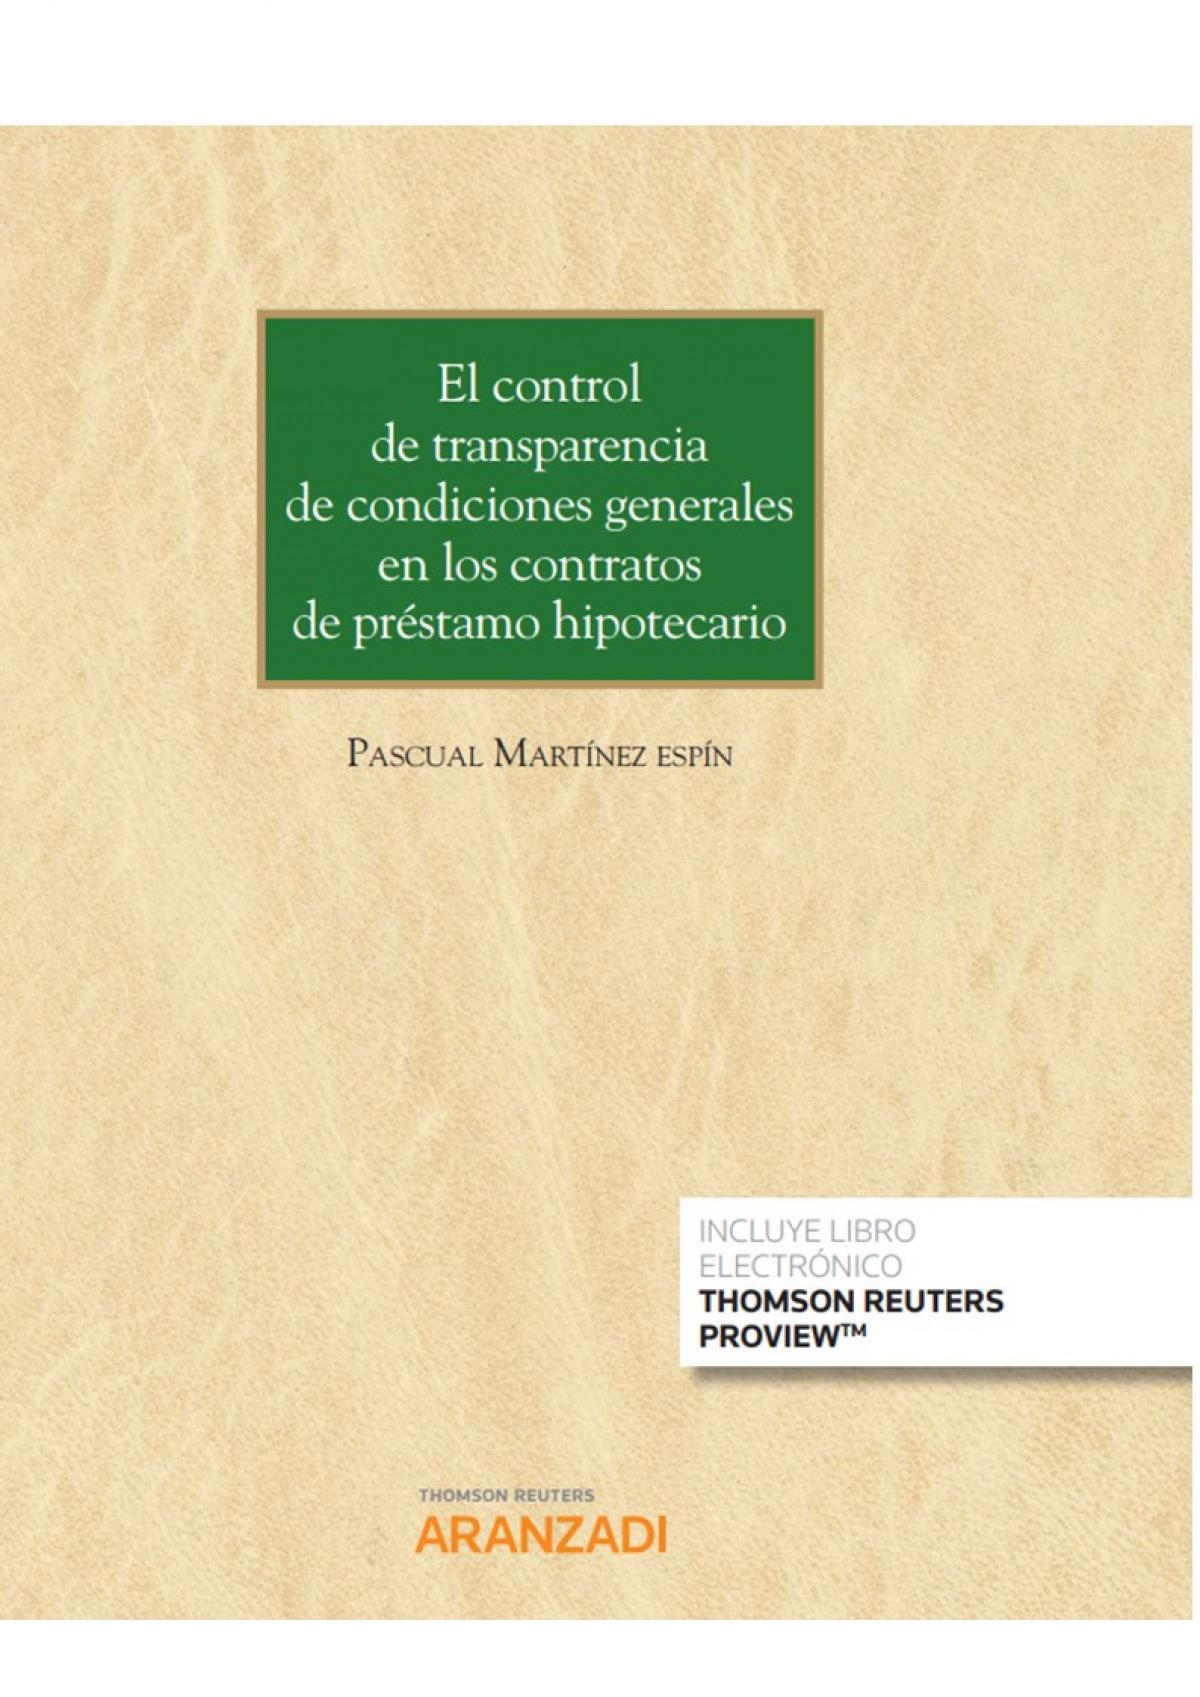 El control de transparencia de condiciones generales en los contratos de préstamo hipotecario